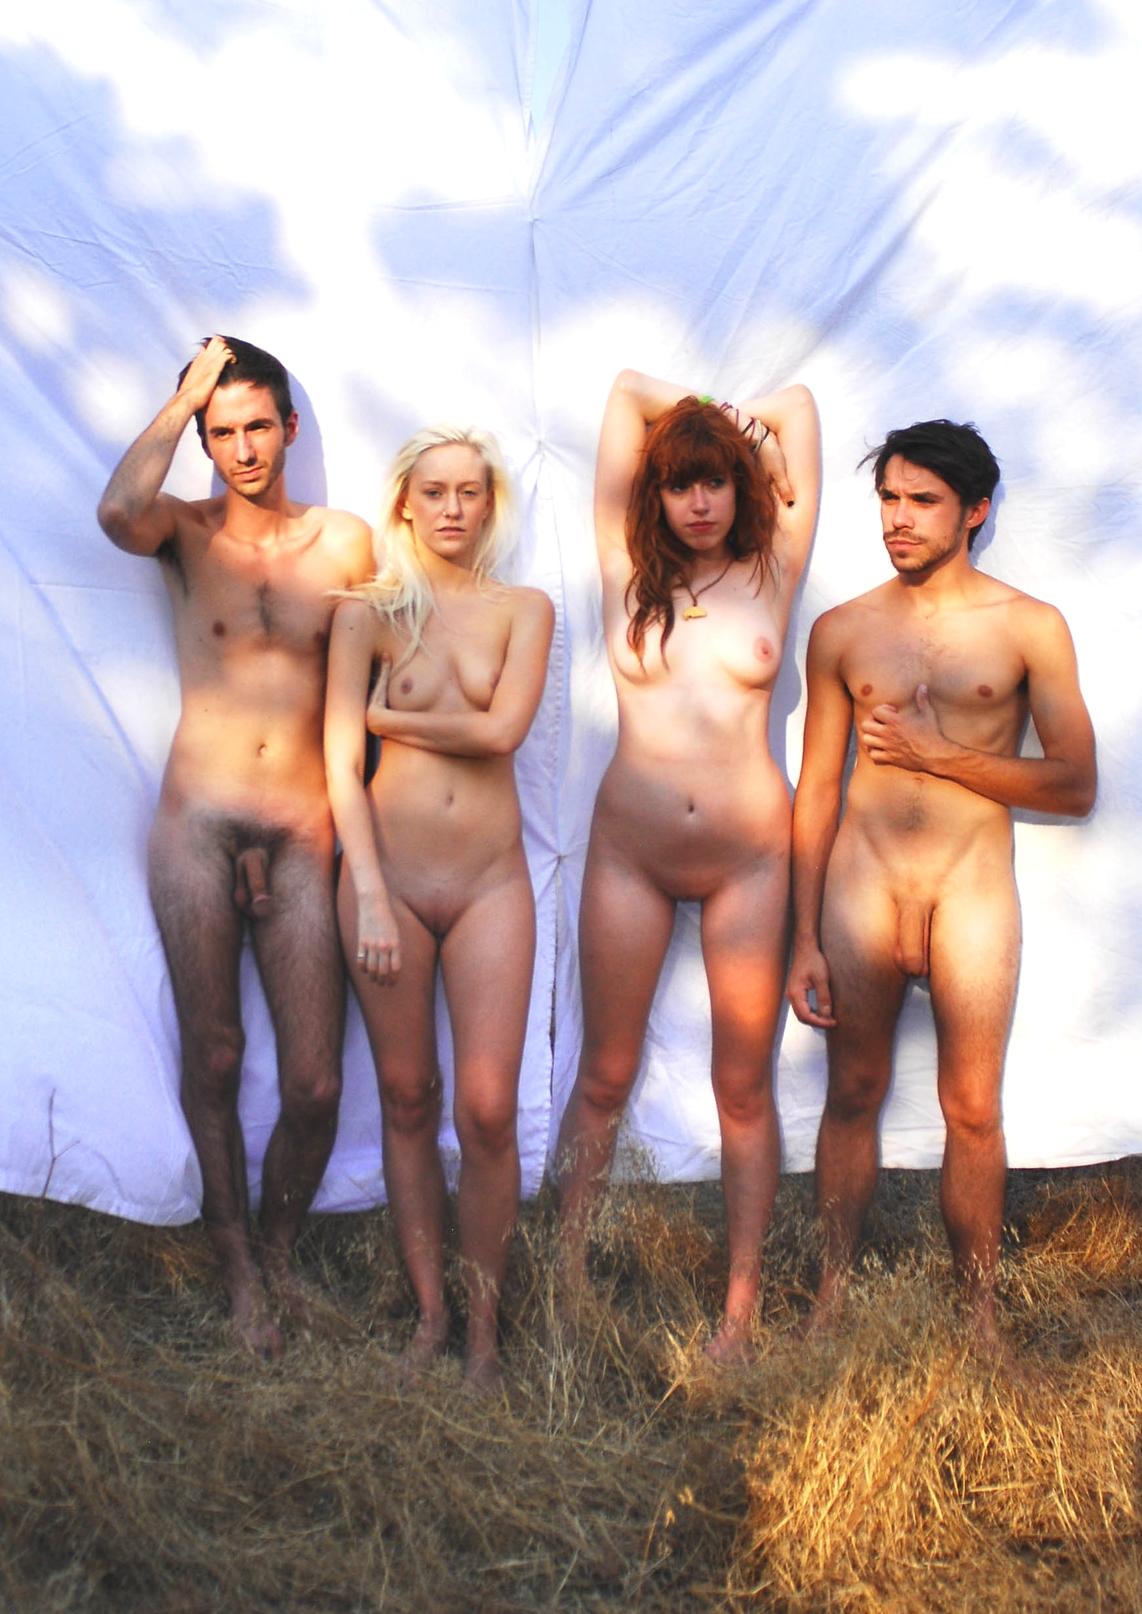 Christen genießen nacktheit und erotik männlich